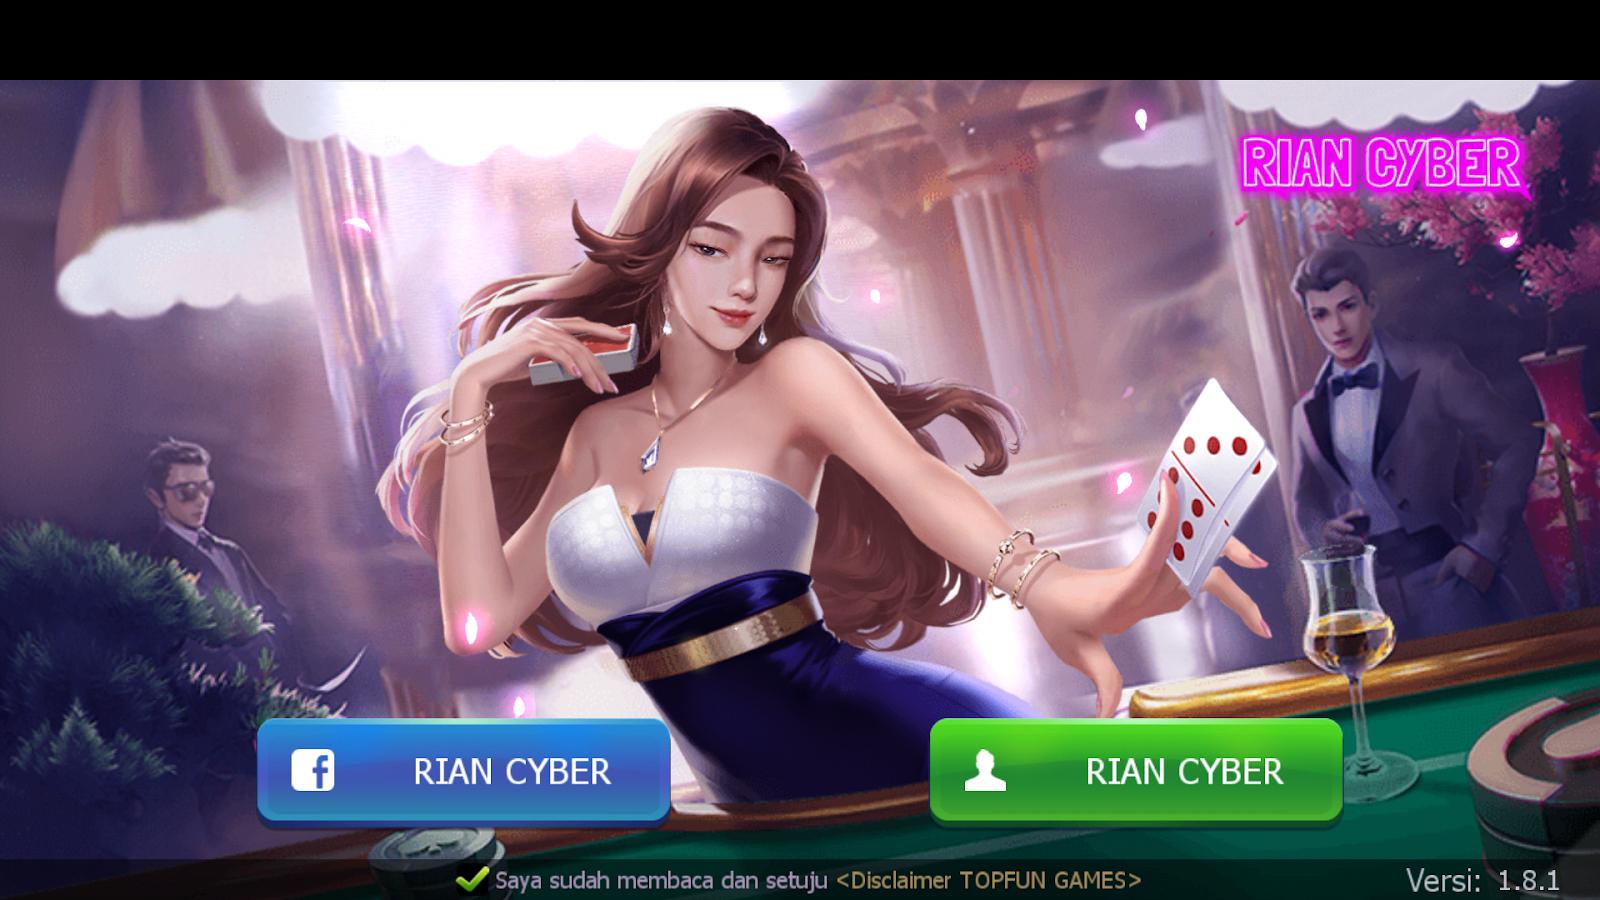 Aplikasi Domino Qiu Qiu Mod Vip Terbaru